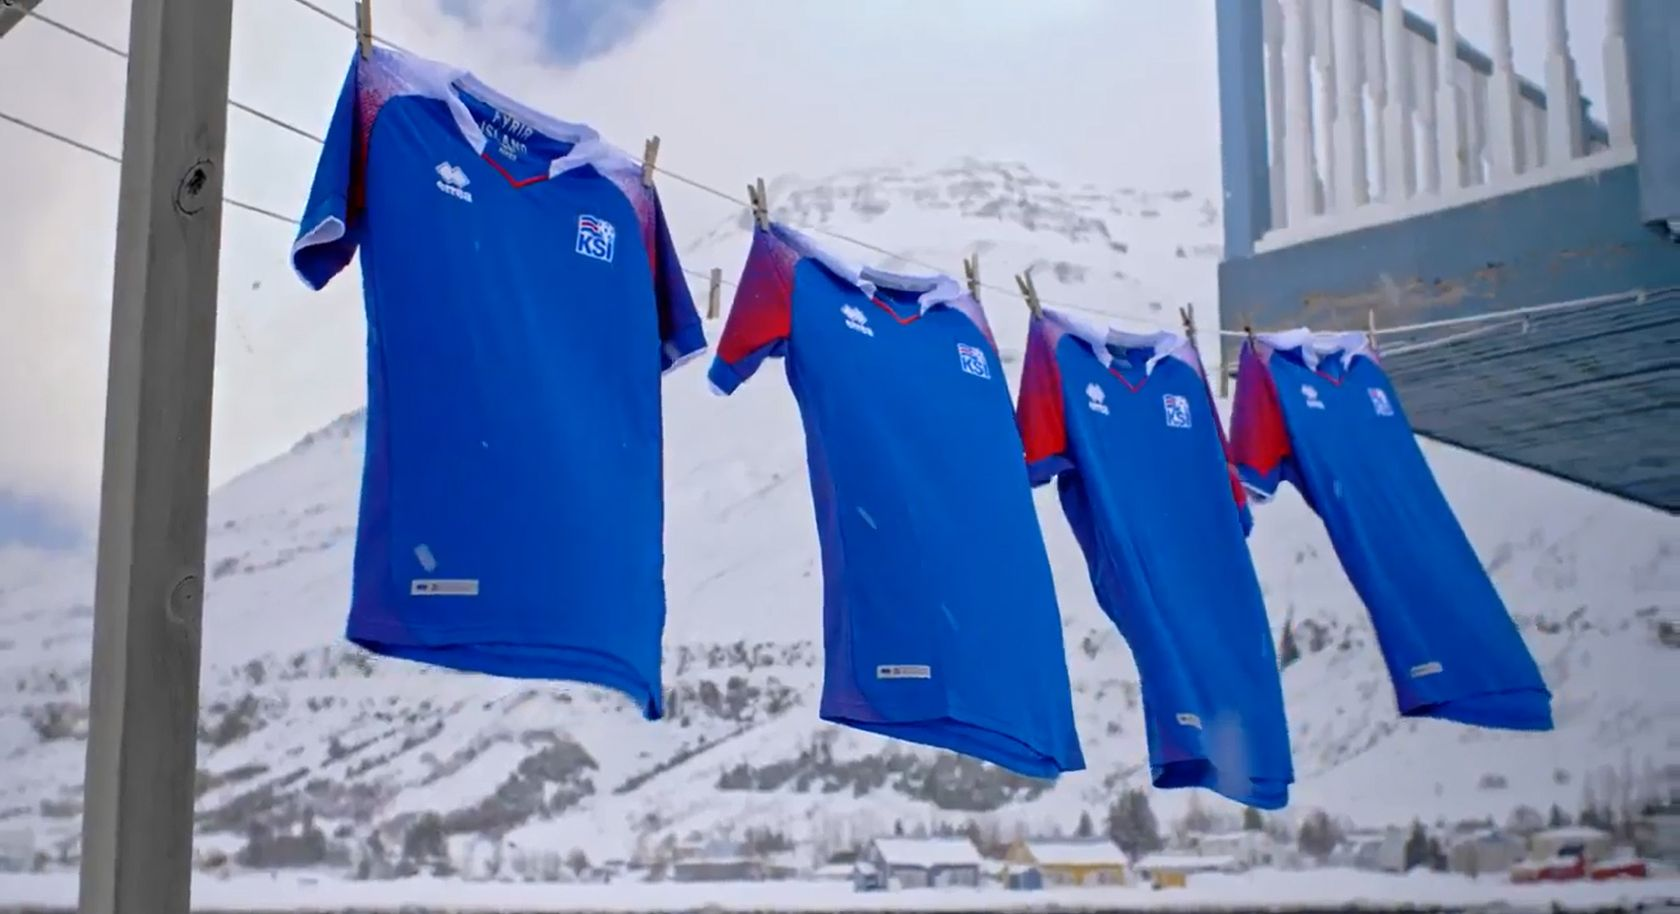 Fútbol bajo la nieve: la gran presentación de la camiseta de Islandia, rival de la Selección en Rusia